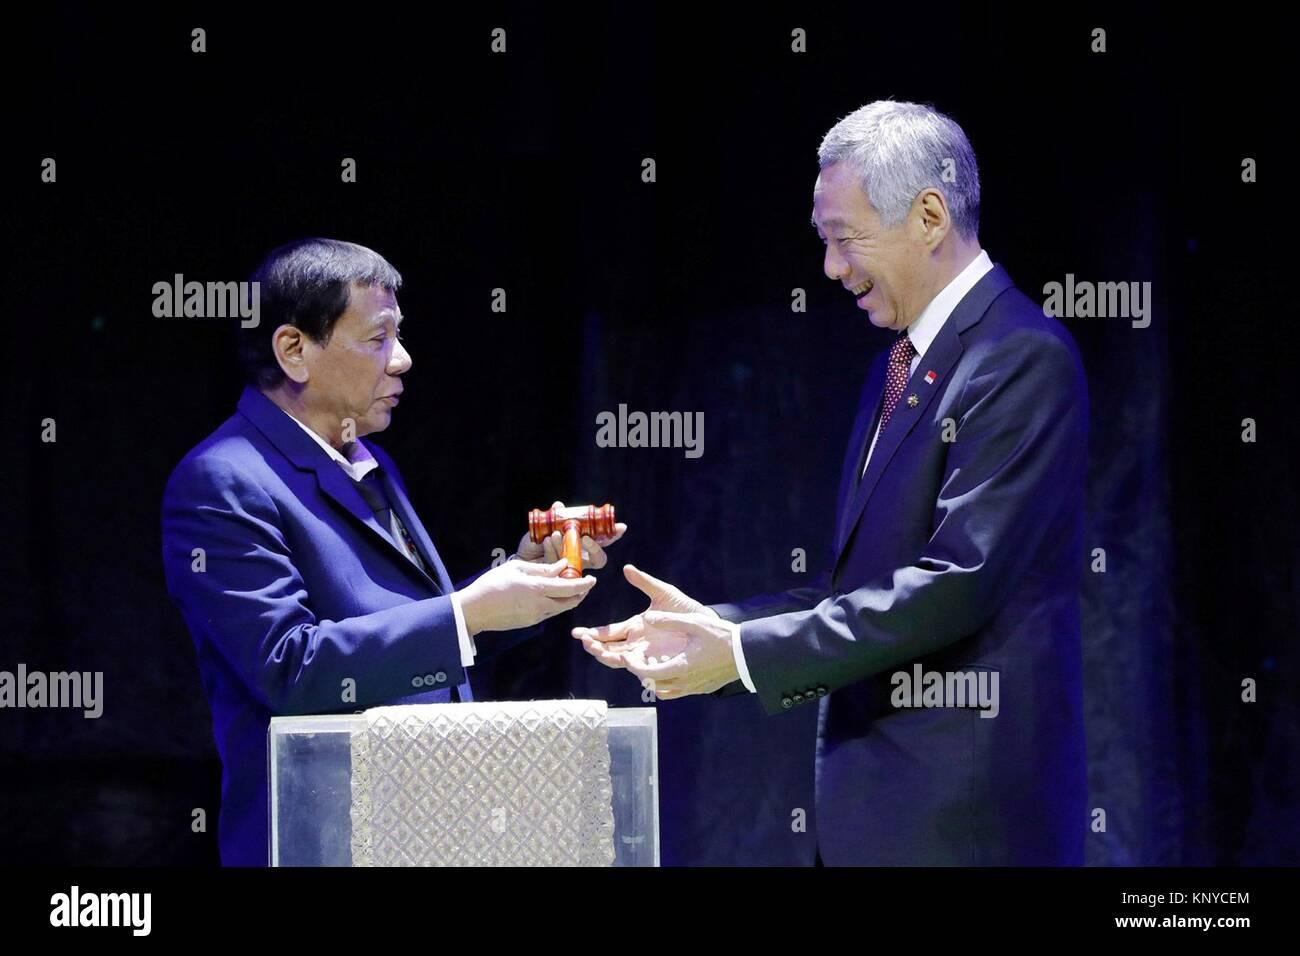 Philippine President Rodrigo Duterte, left, hands over the gavel to Singaporean Prime Minister Lee Hsien Loong to - Stock Image